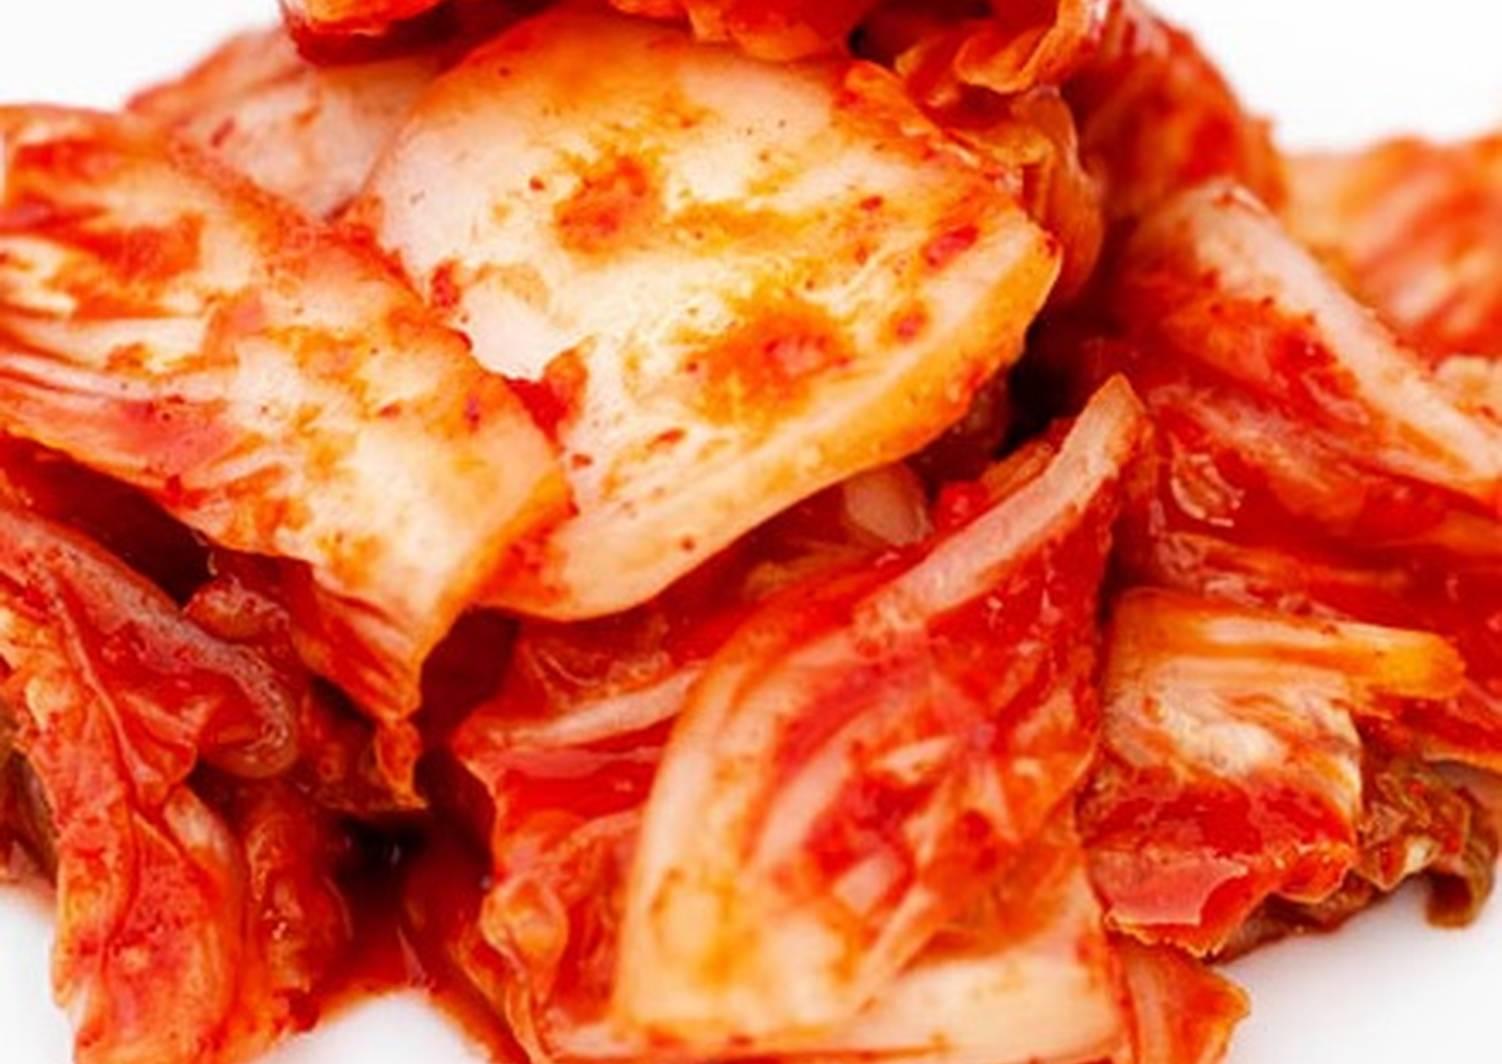 Полезный рецепт по-корейски: что такое соус кимчи, как его готовят и с чем едят